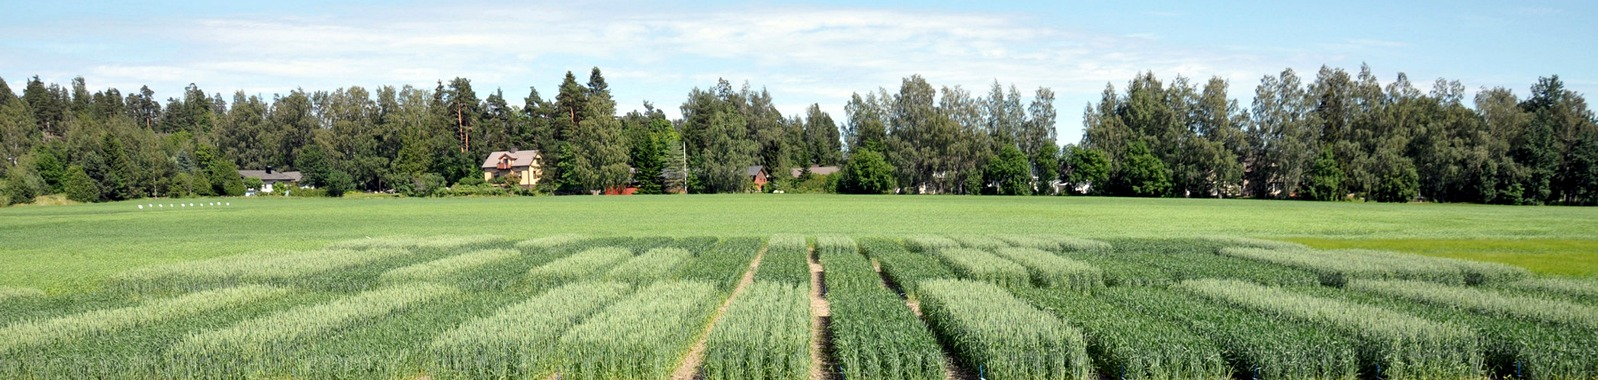 Vehnän viljely Kotkaniemessä